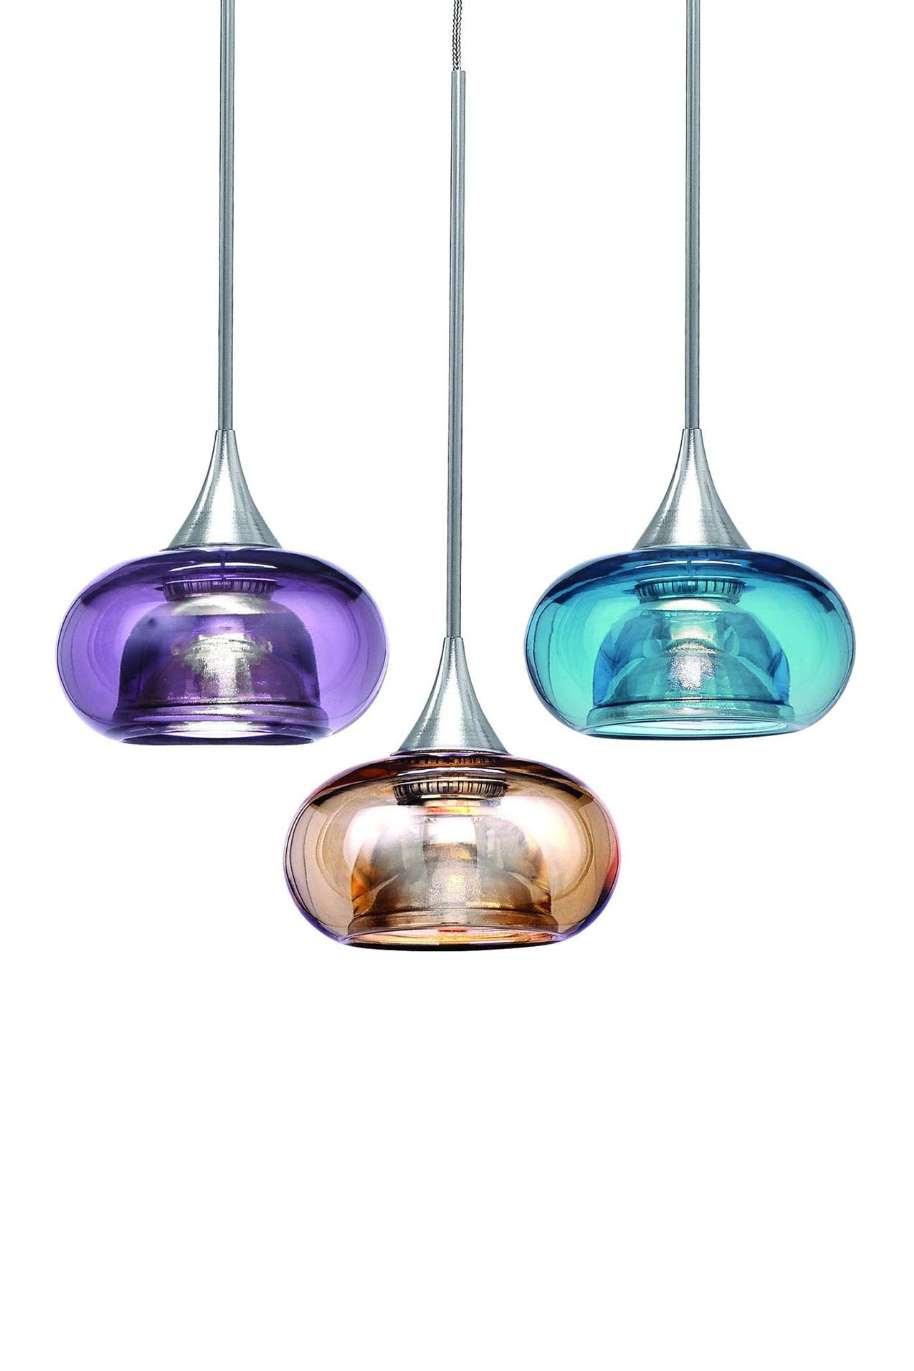 Decorative Lighting Pendants come in jewel tones., WAC Lighting